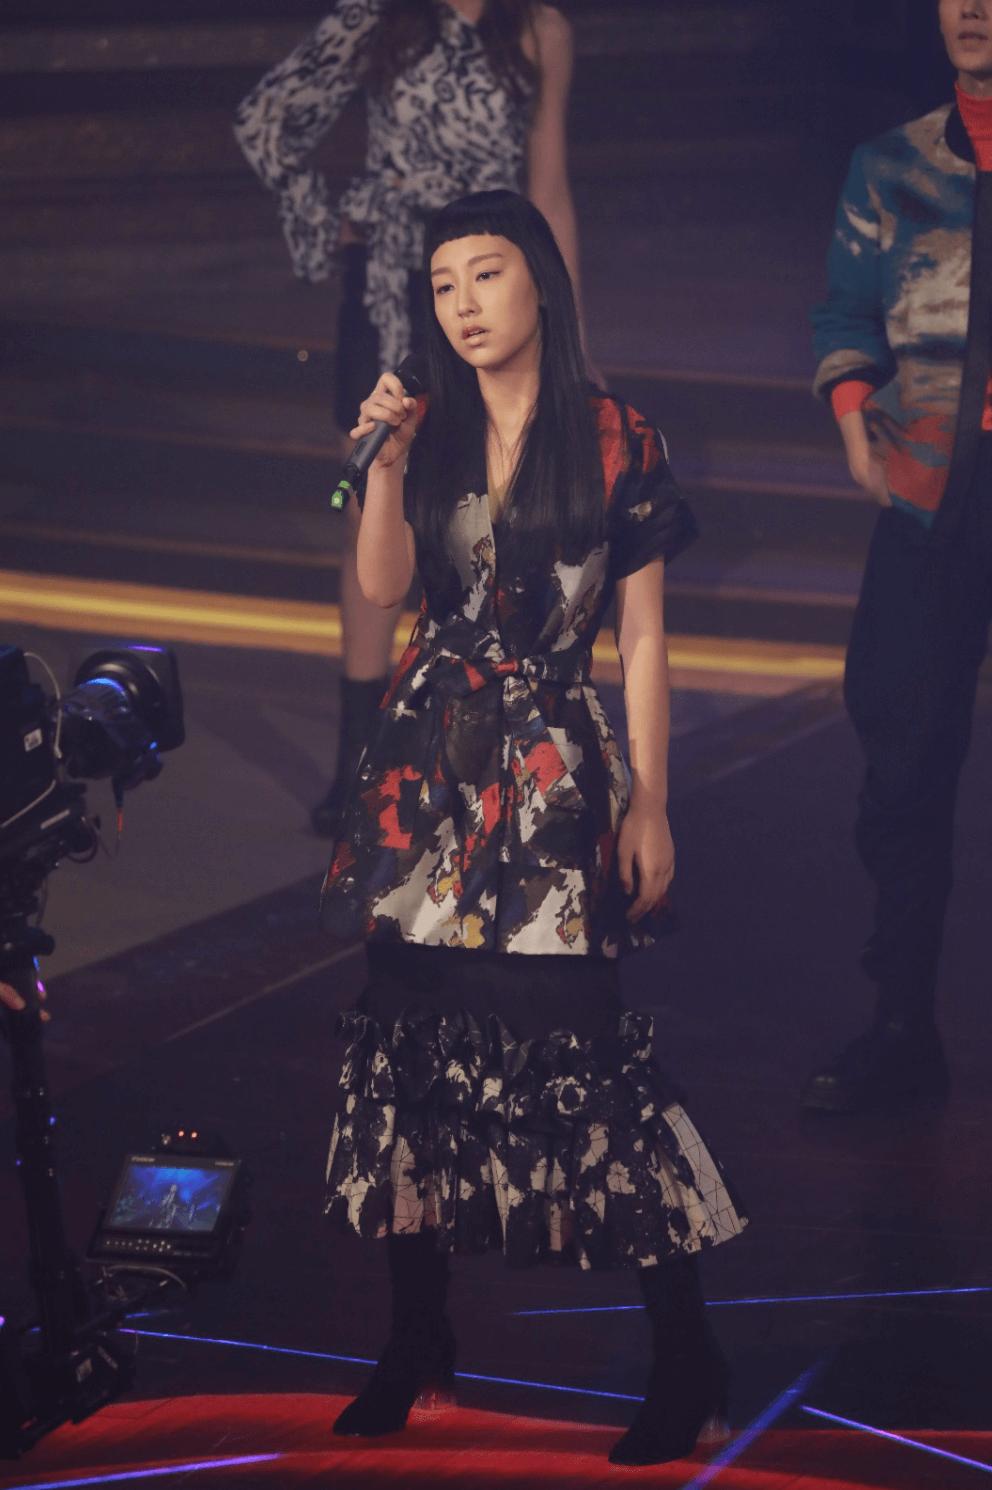 《聲夢傳奇》十五位參賽者有份在去年台慶當晚表演,炎明熹是壓軸出場的那一個,表現及歌藝都非常出眾,令人難忘。